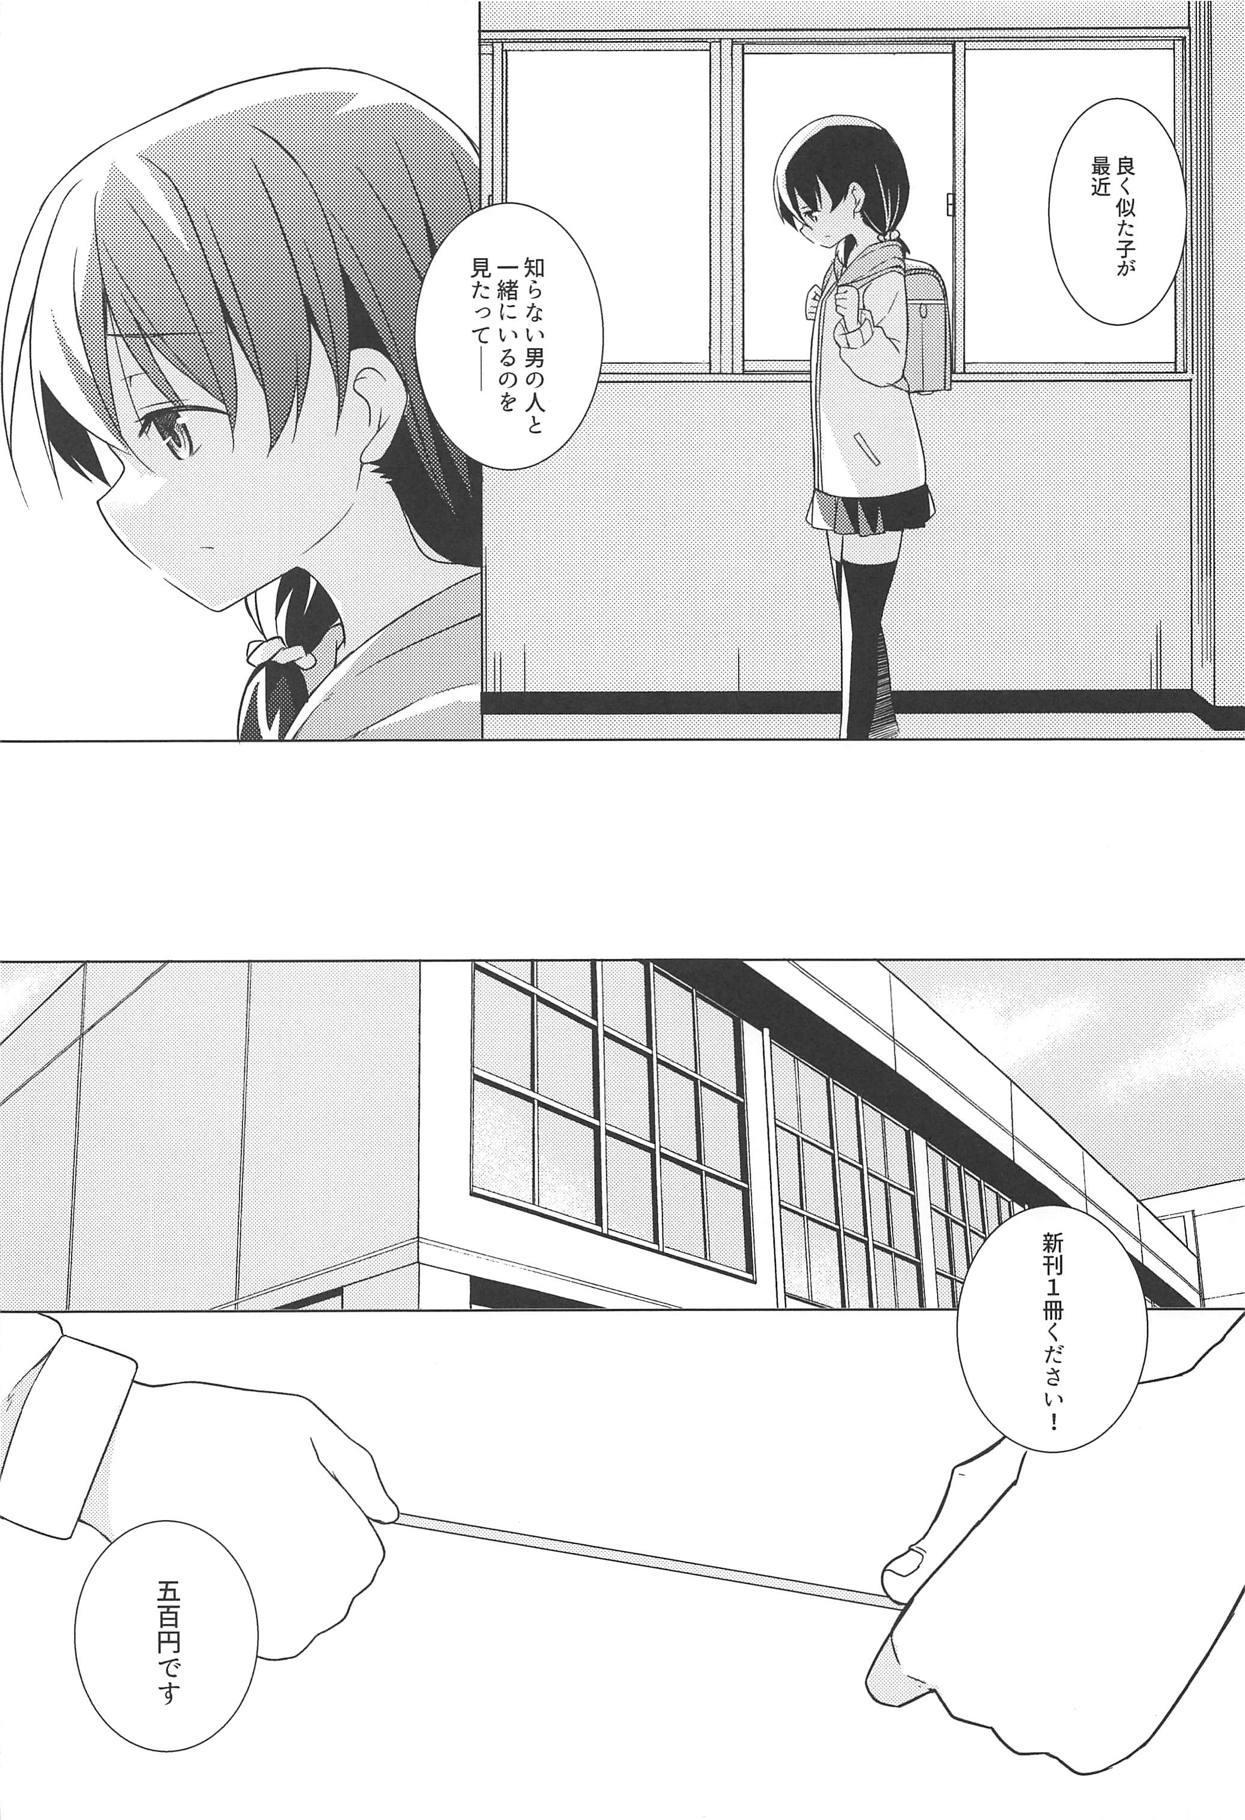 Kimi wa Ore no Cos Uriko Nin 4